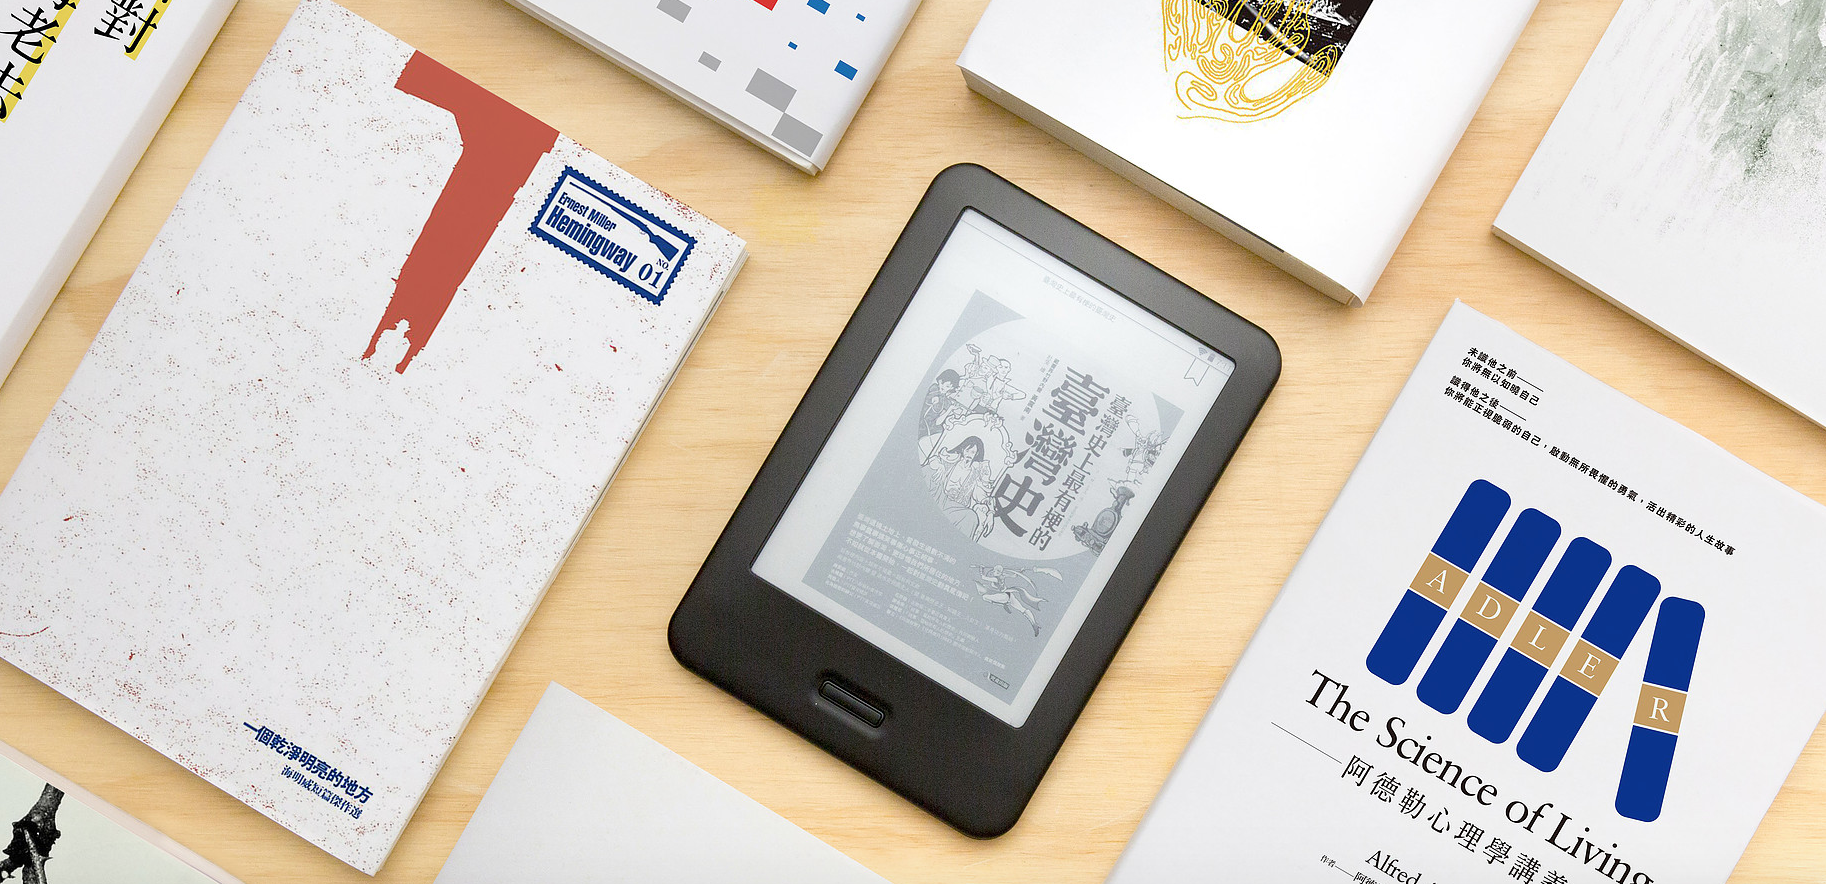 mooInk 電子書閱讀器 | 專為繁中閱讀而生的行動圖書館